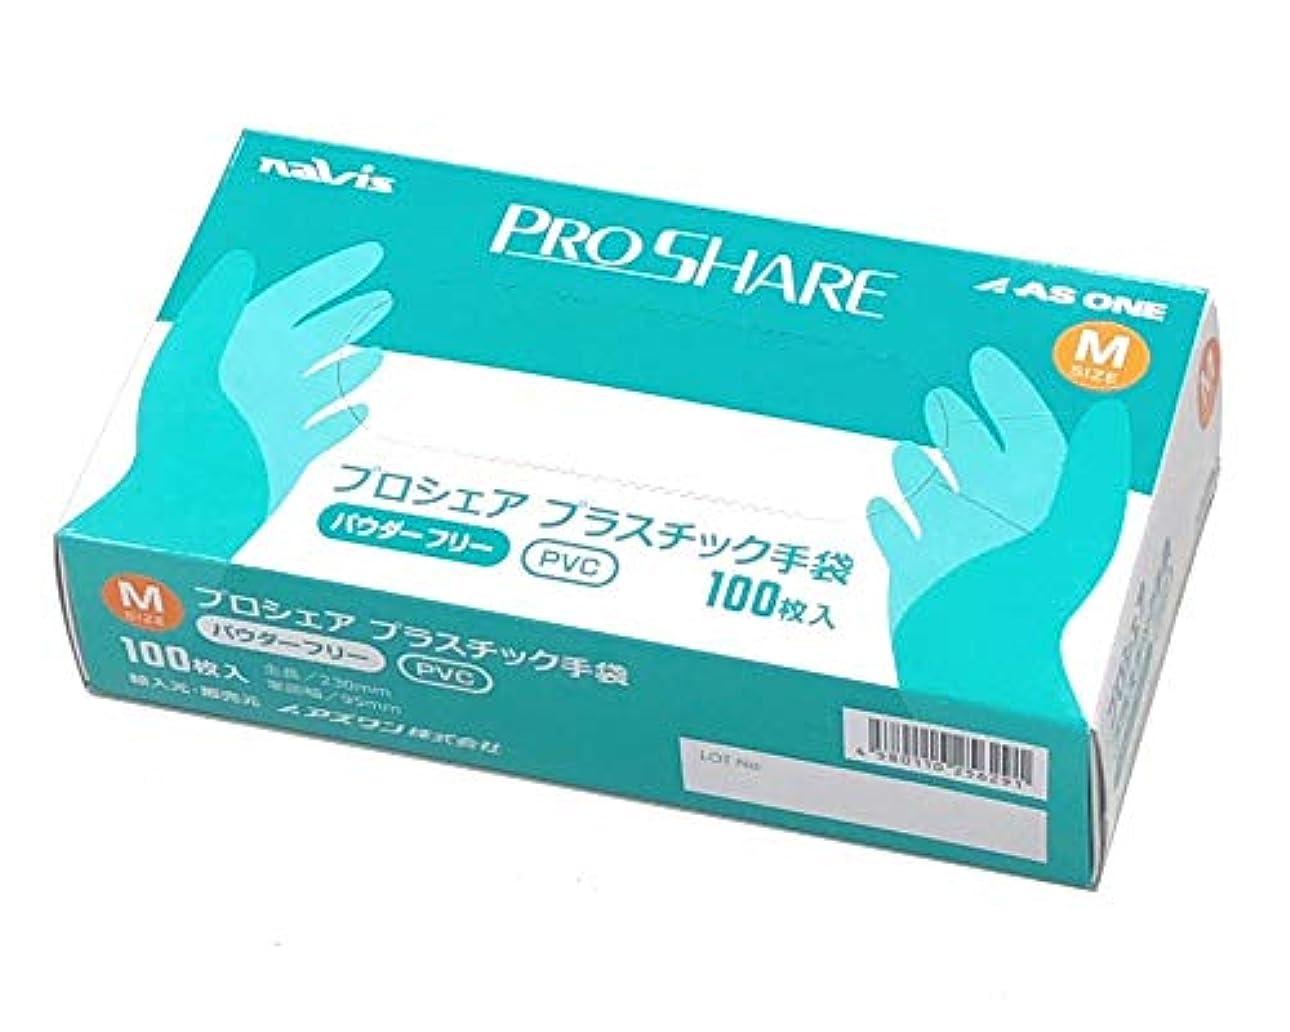 抑止する鳴り響く与えるナビス プロシェア 使い捨て プラスチック手袋 パウダー無 M 1箱(100枚入) / 8-9569-02